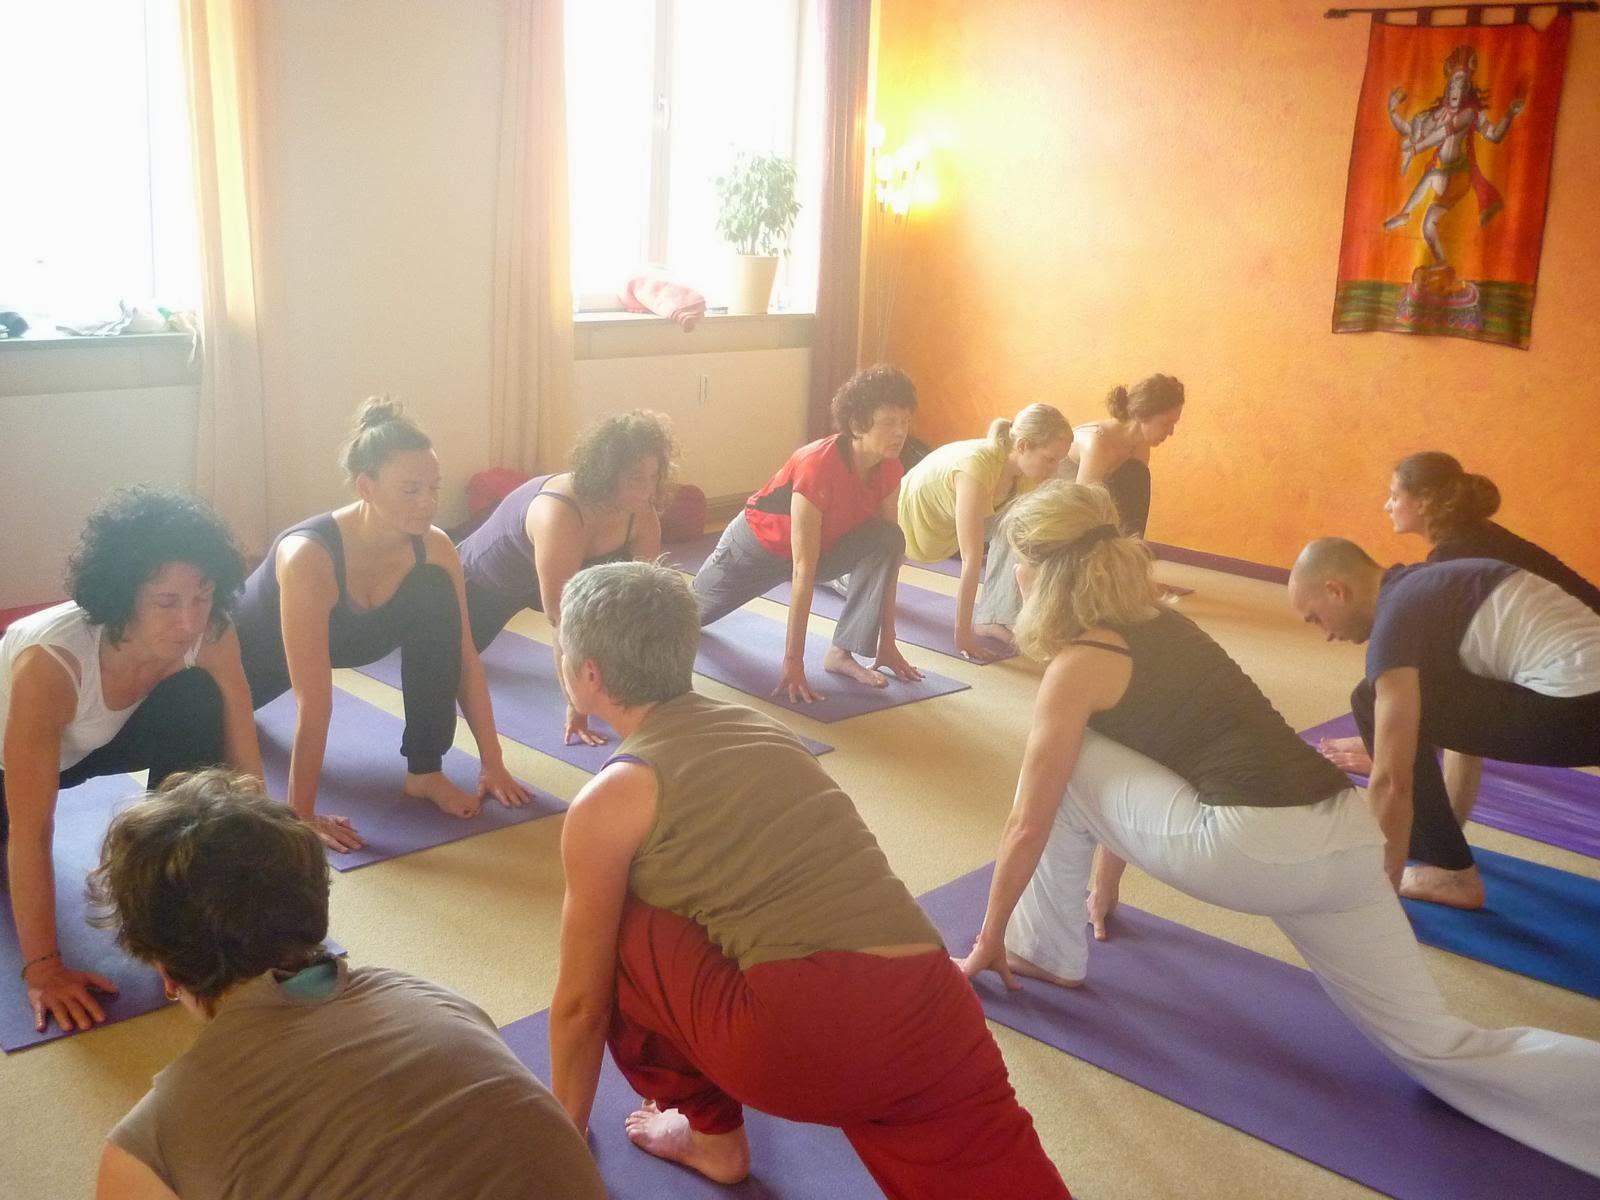 yoga vidya zentrum karlsruhe der blog januar 2014. Black Bedroom Furniture Sets. Home Design Ideas